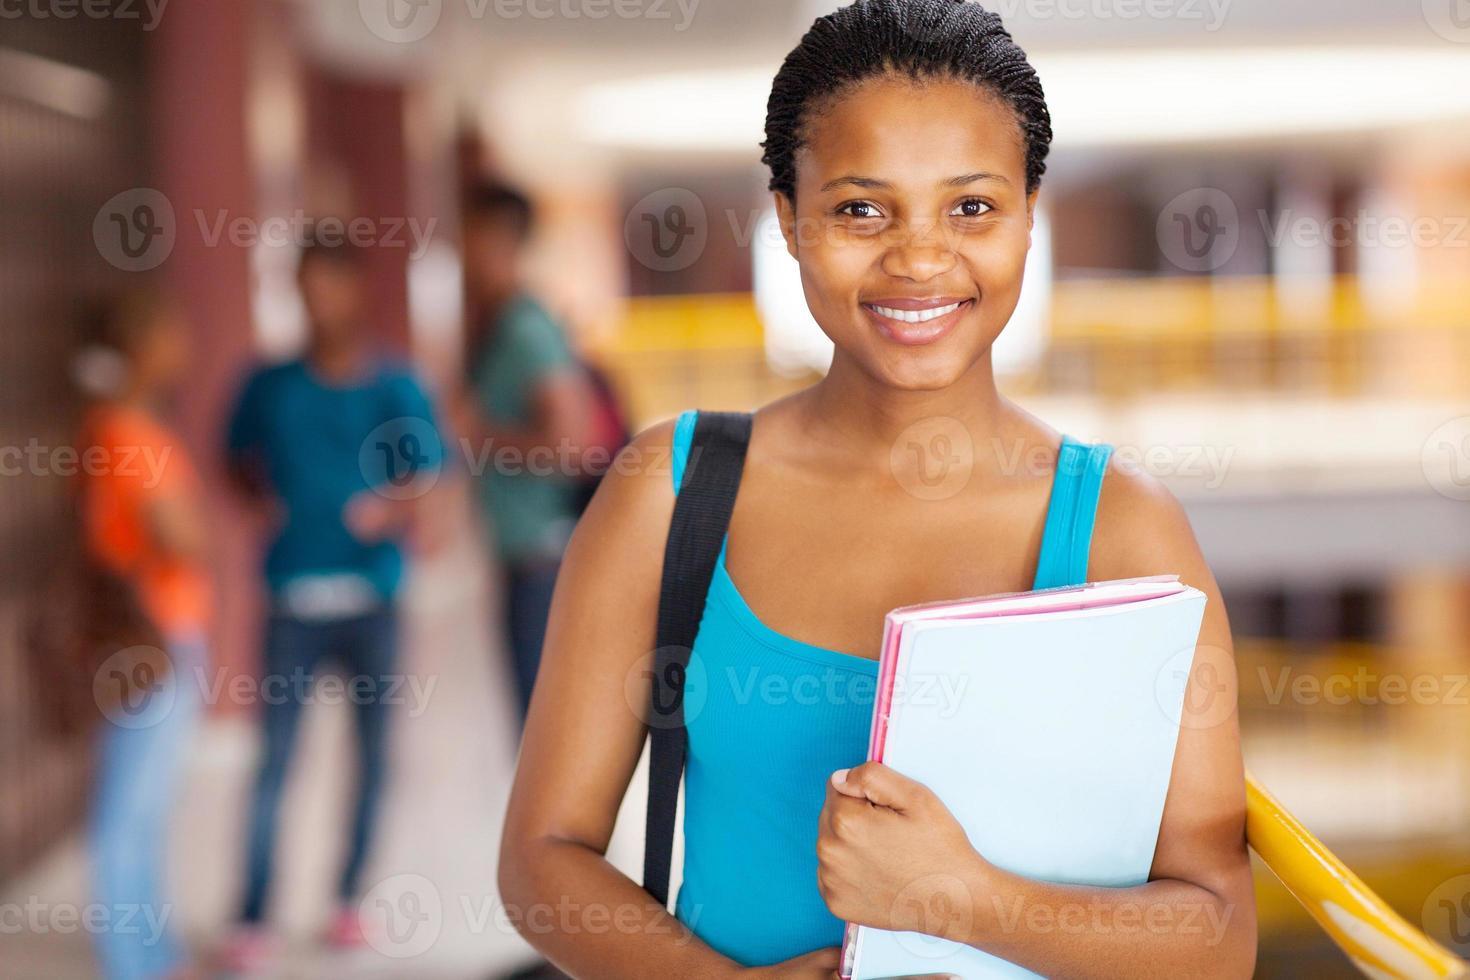 vrouwelijke Afrikaanse student met boeken foto